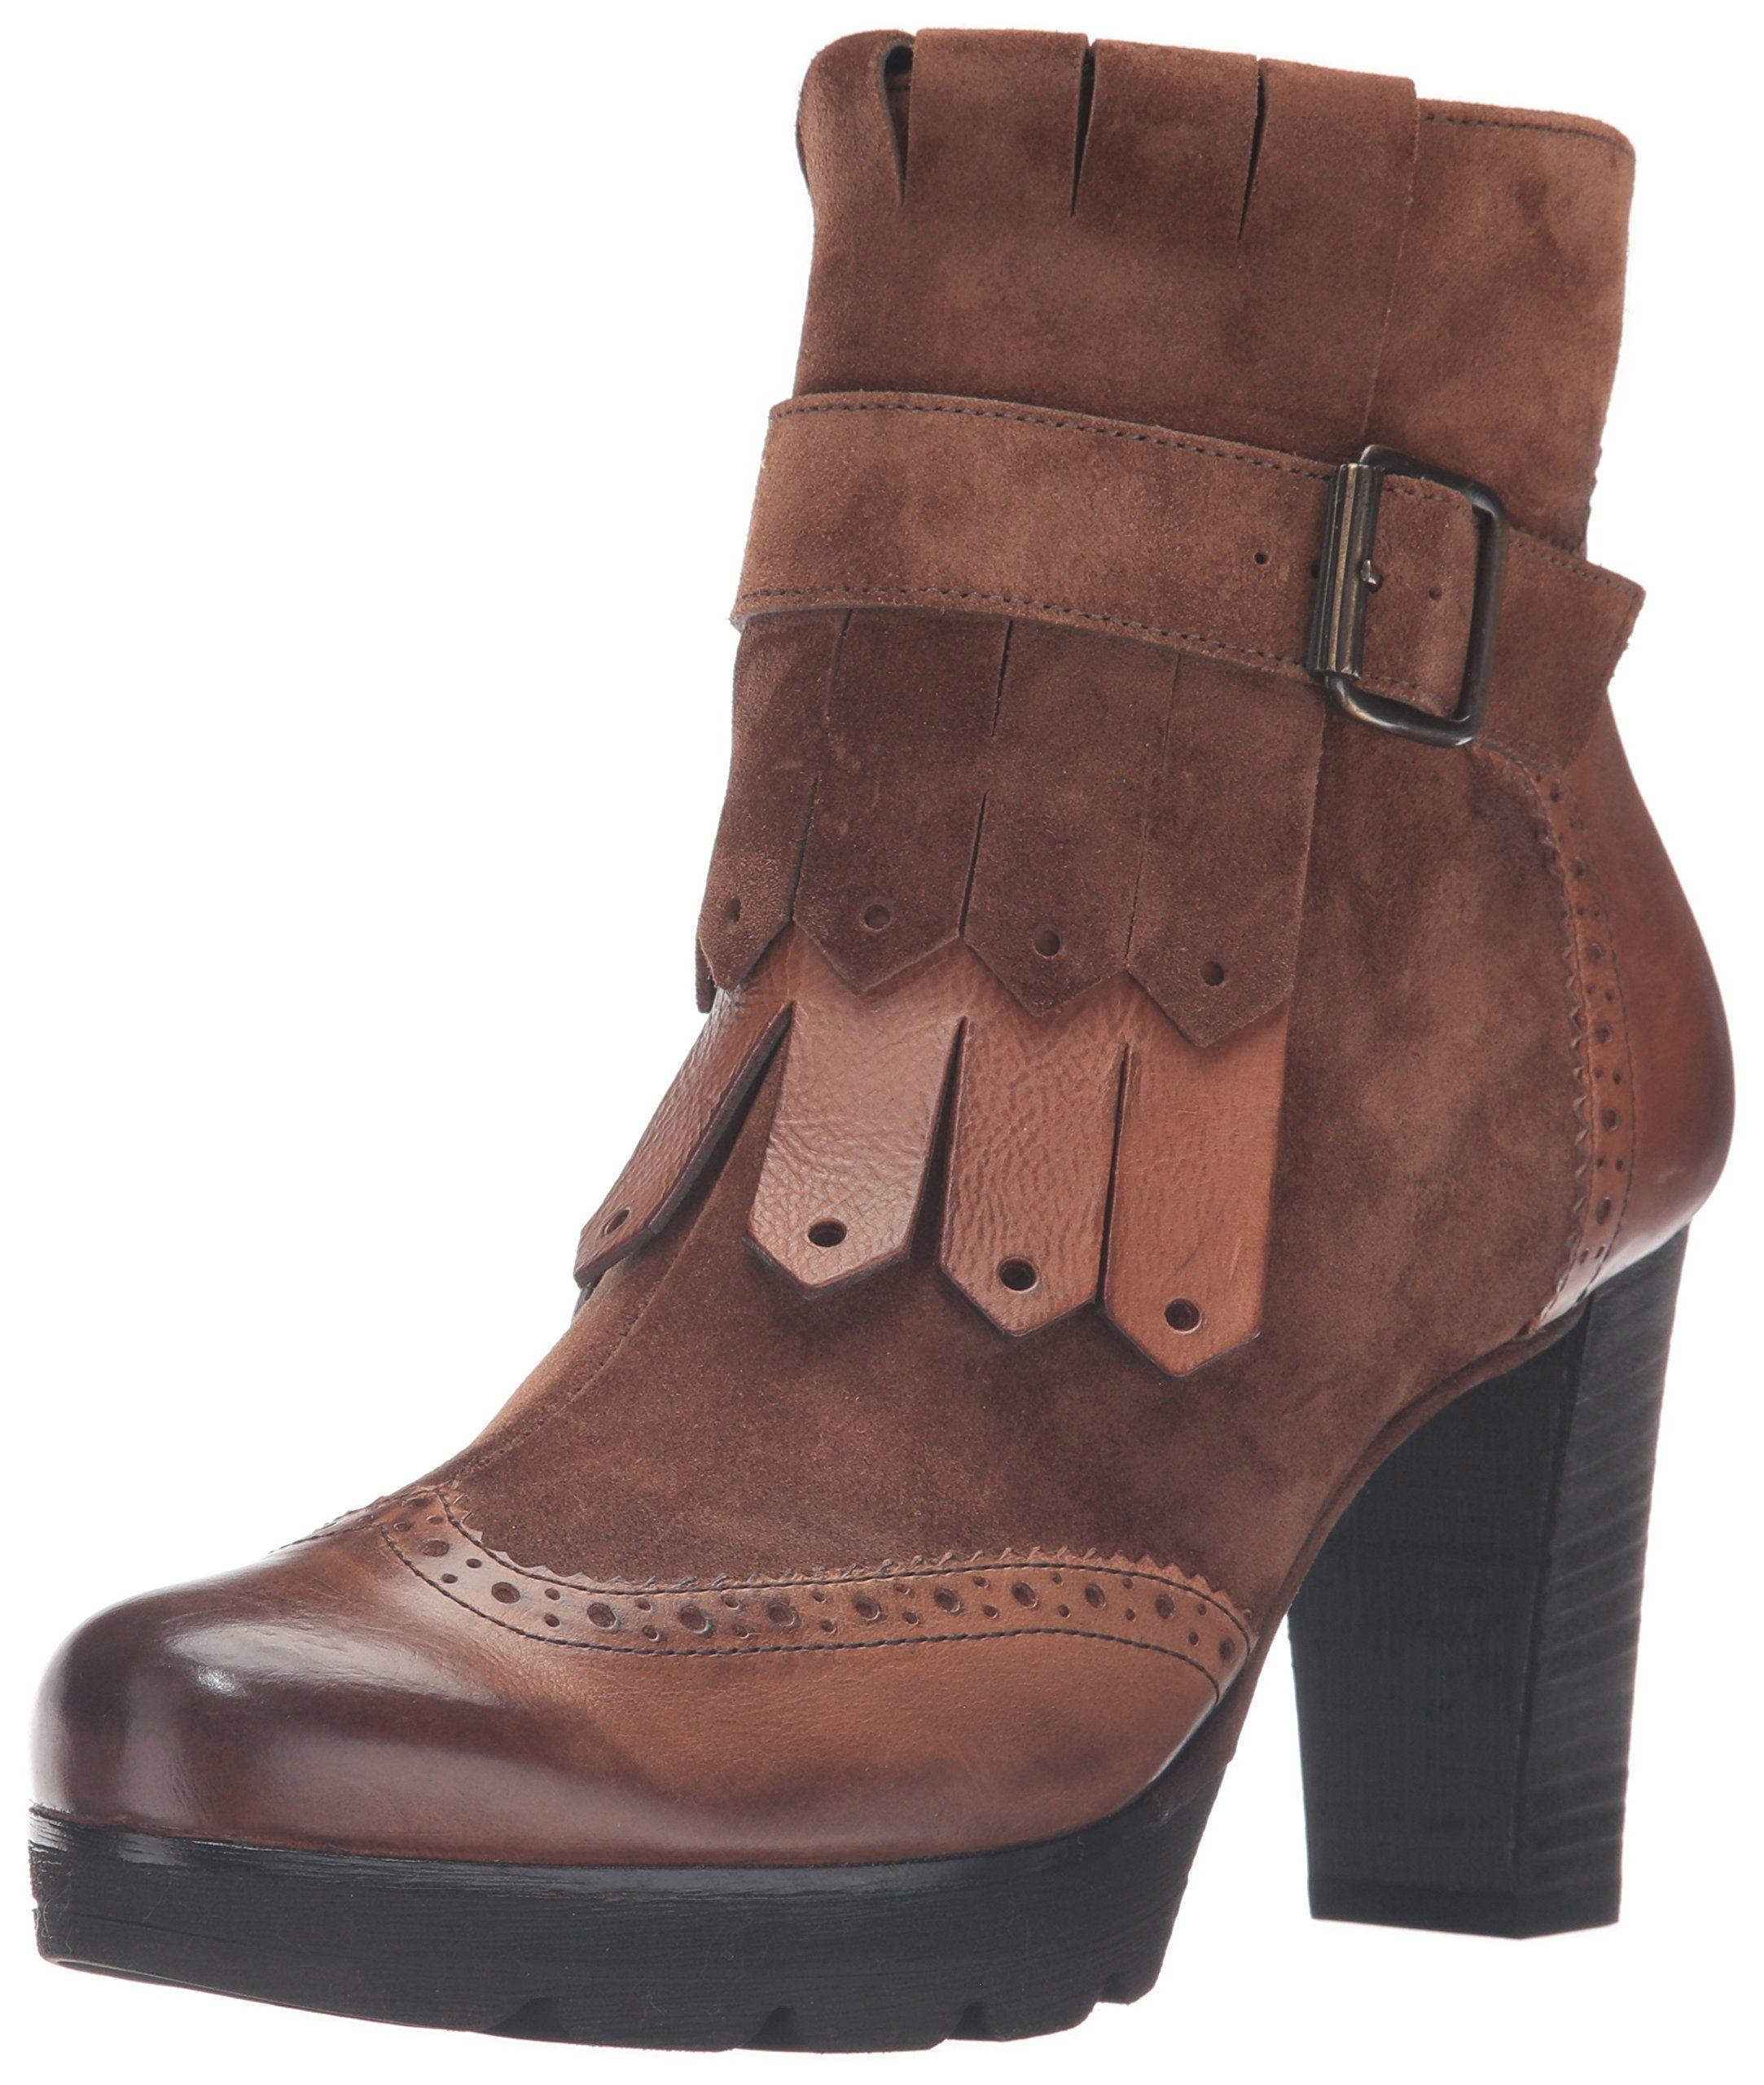 4ceda7ec5 Paul Green Women's Kimberlee Ankle Bootie, Oak Cuoio Combo,7.5 M US.  Italian leather.